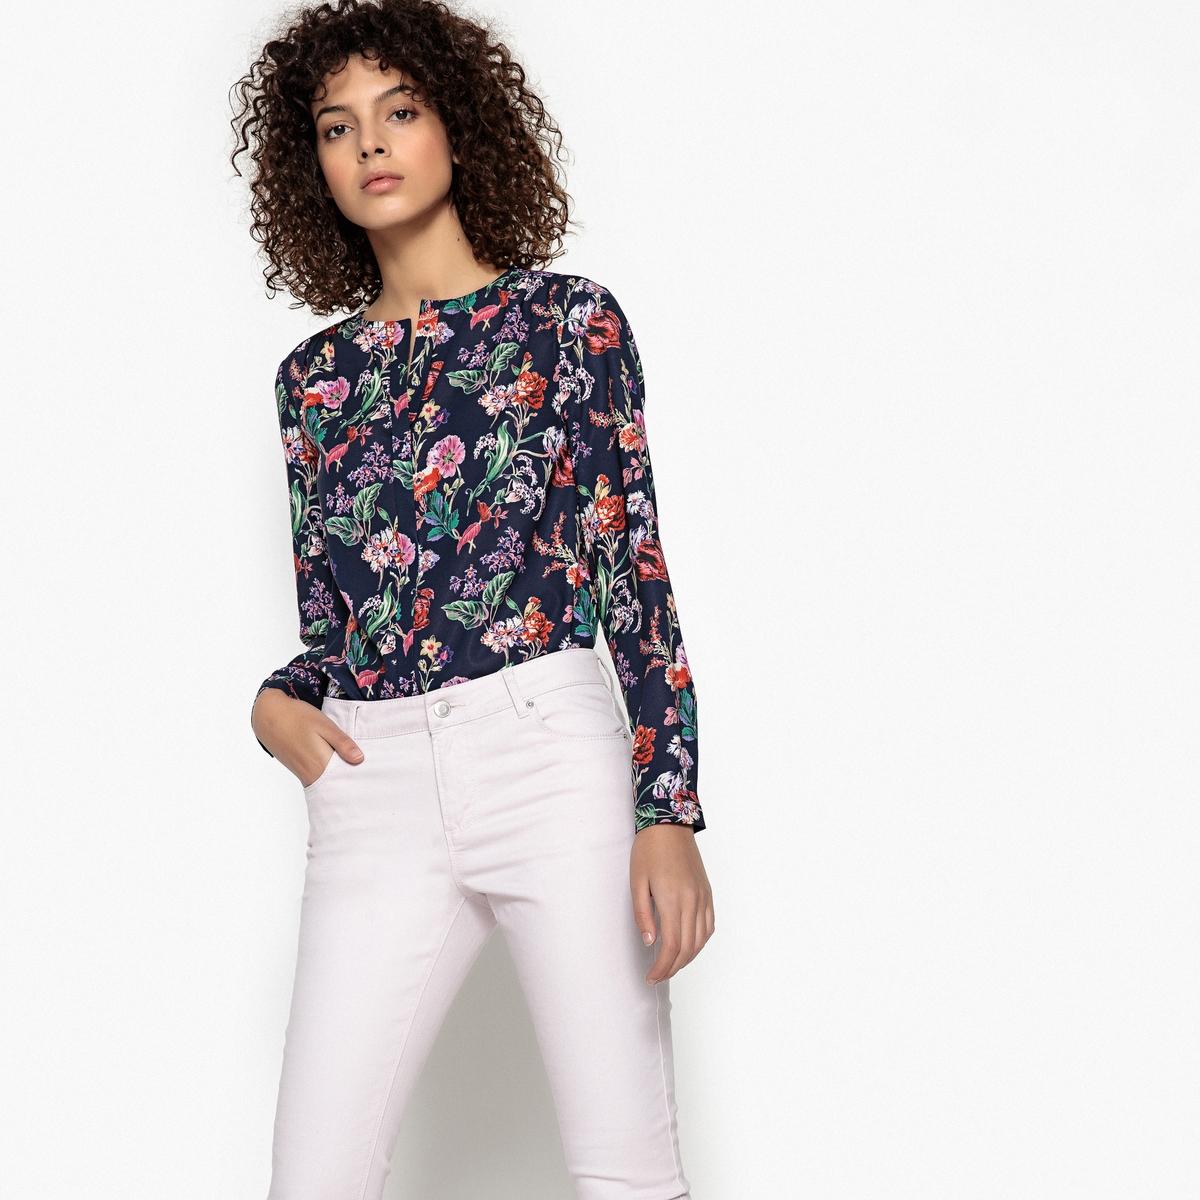 Blusa com decote em V, estampado floral, mangas compridas